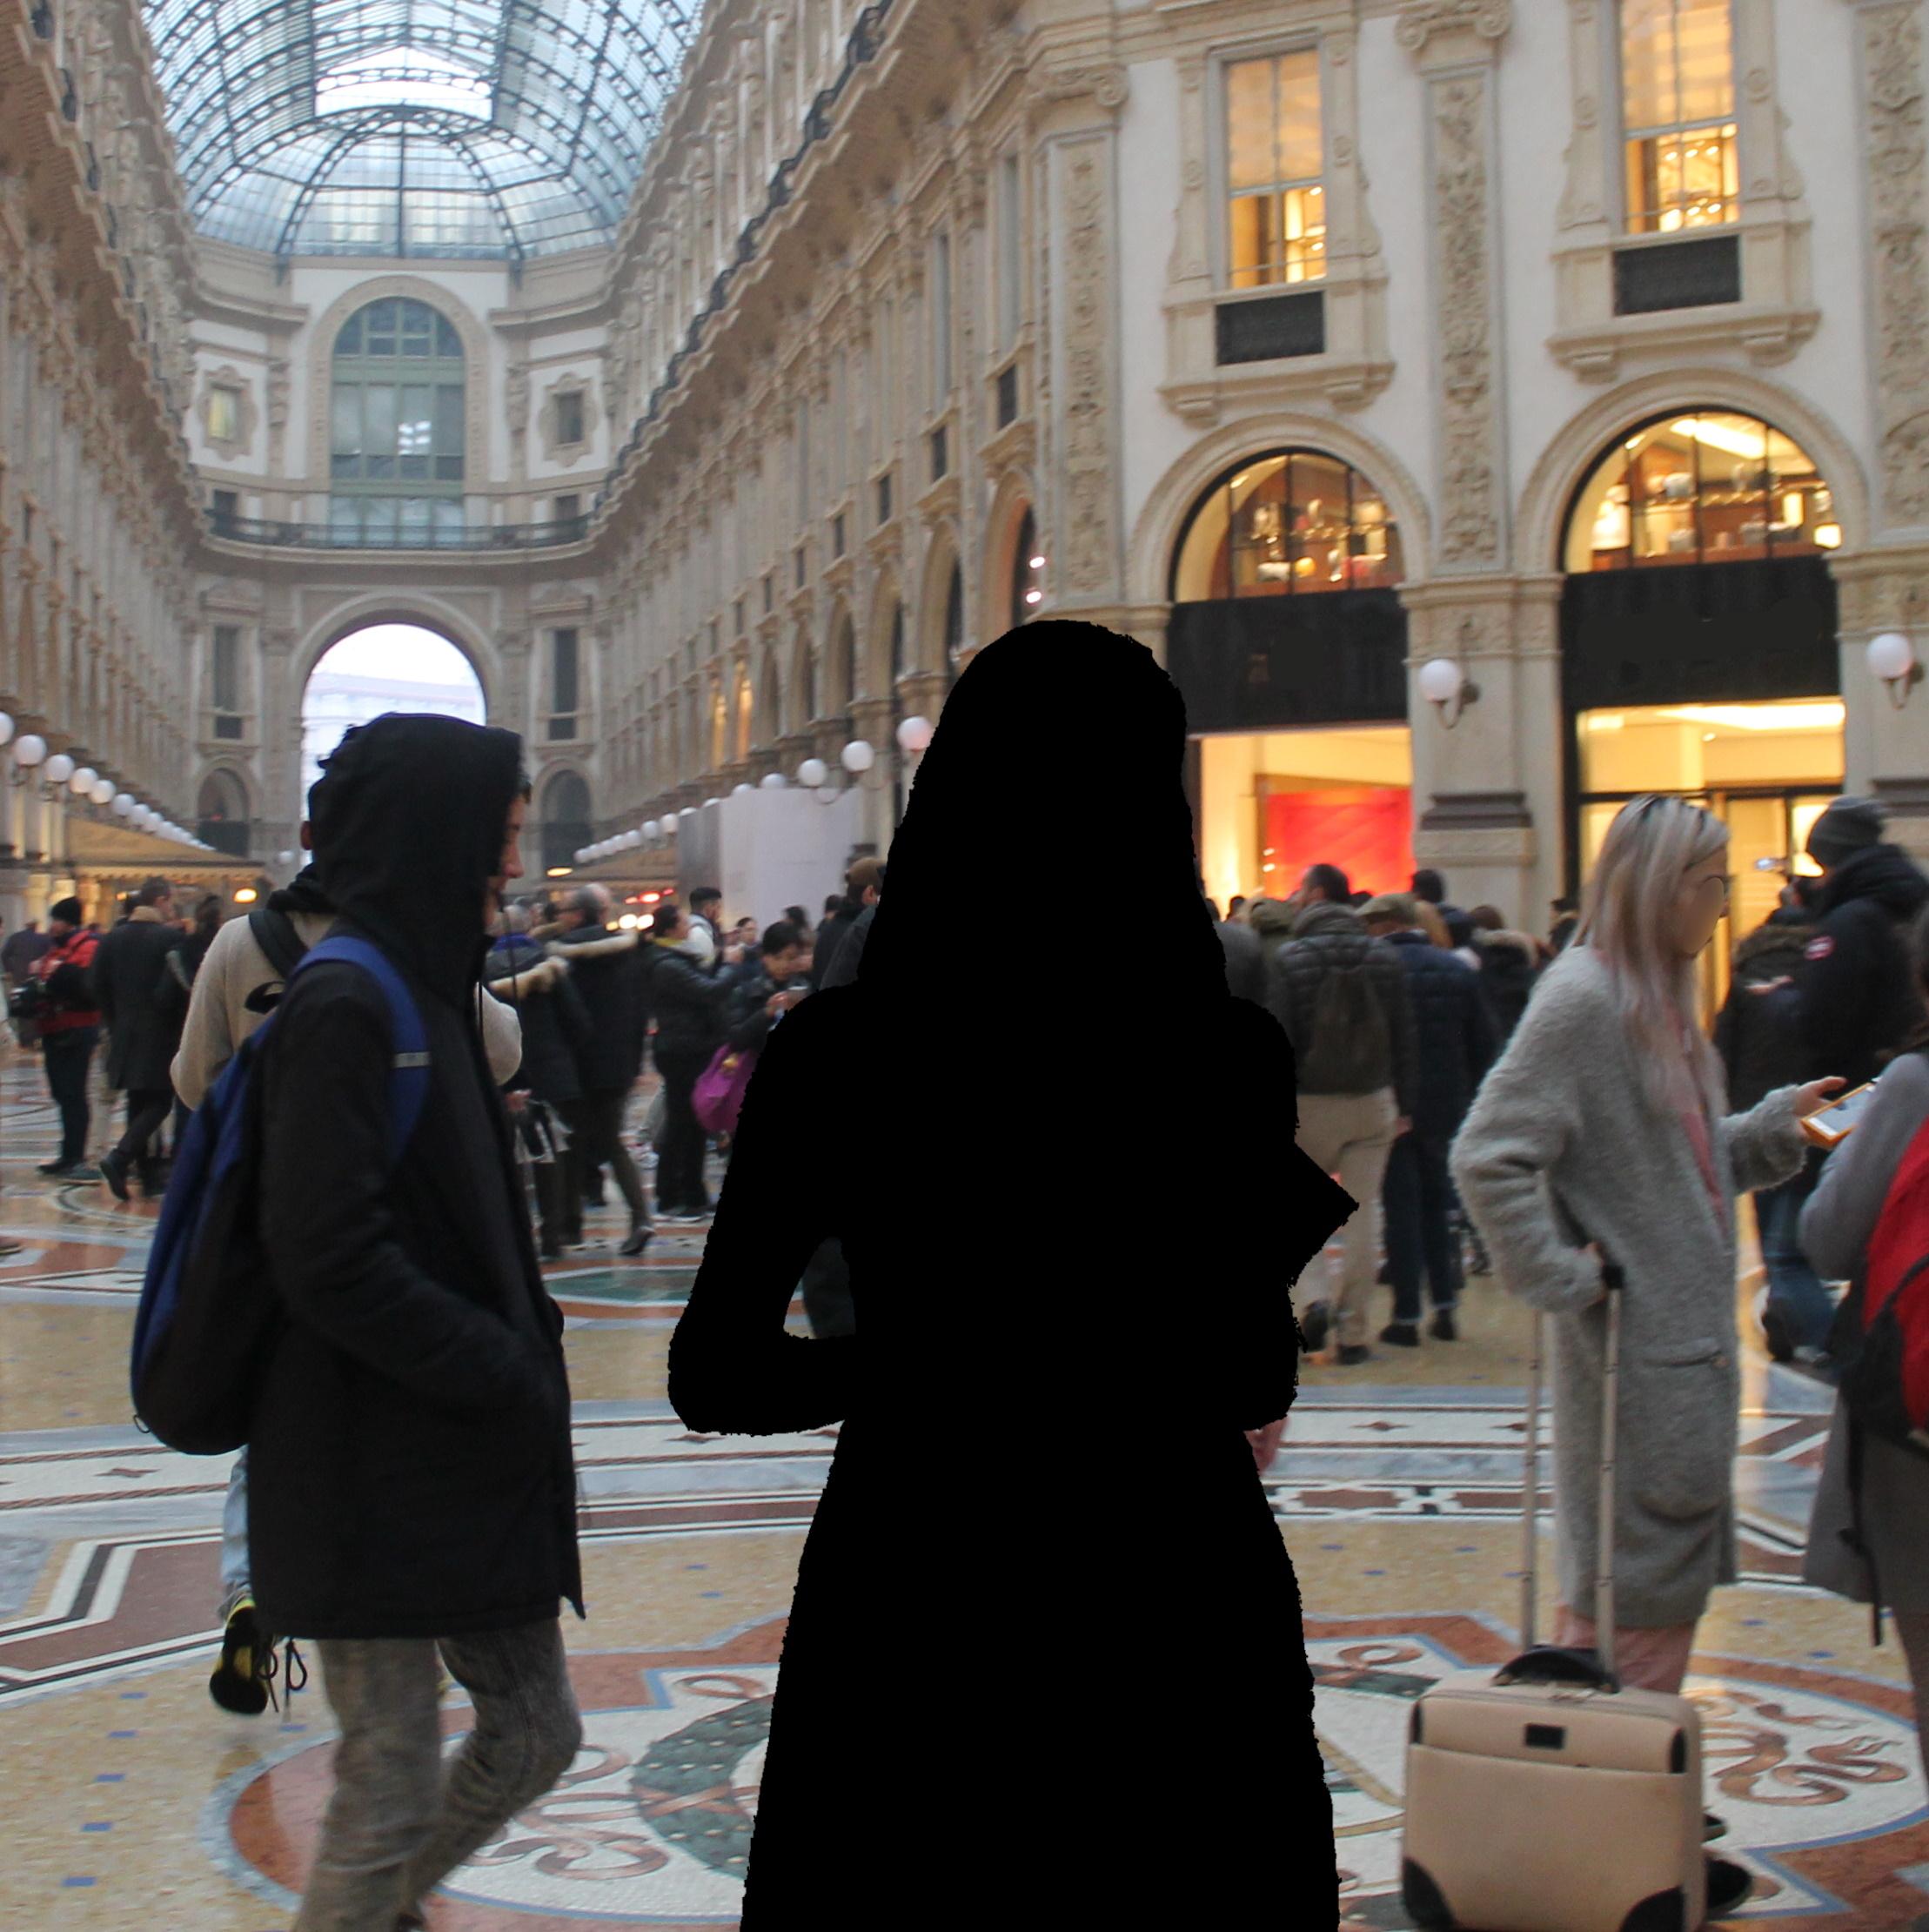 photo de foule à Milan, avec un trou noir en forme de personne